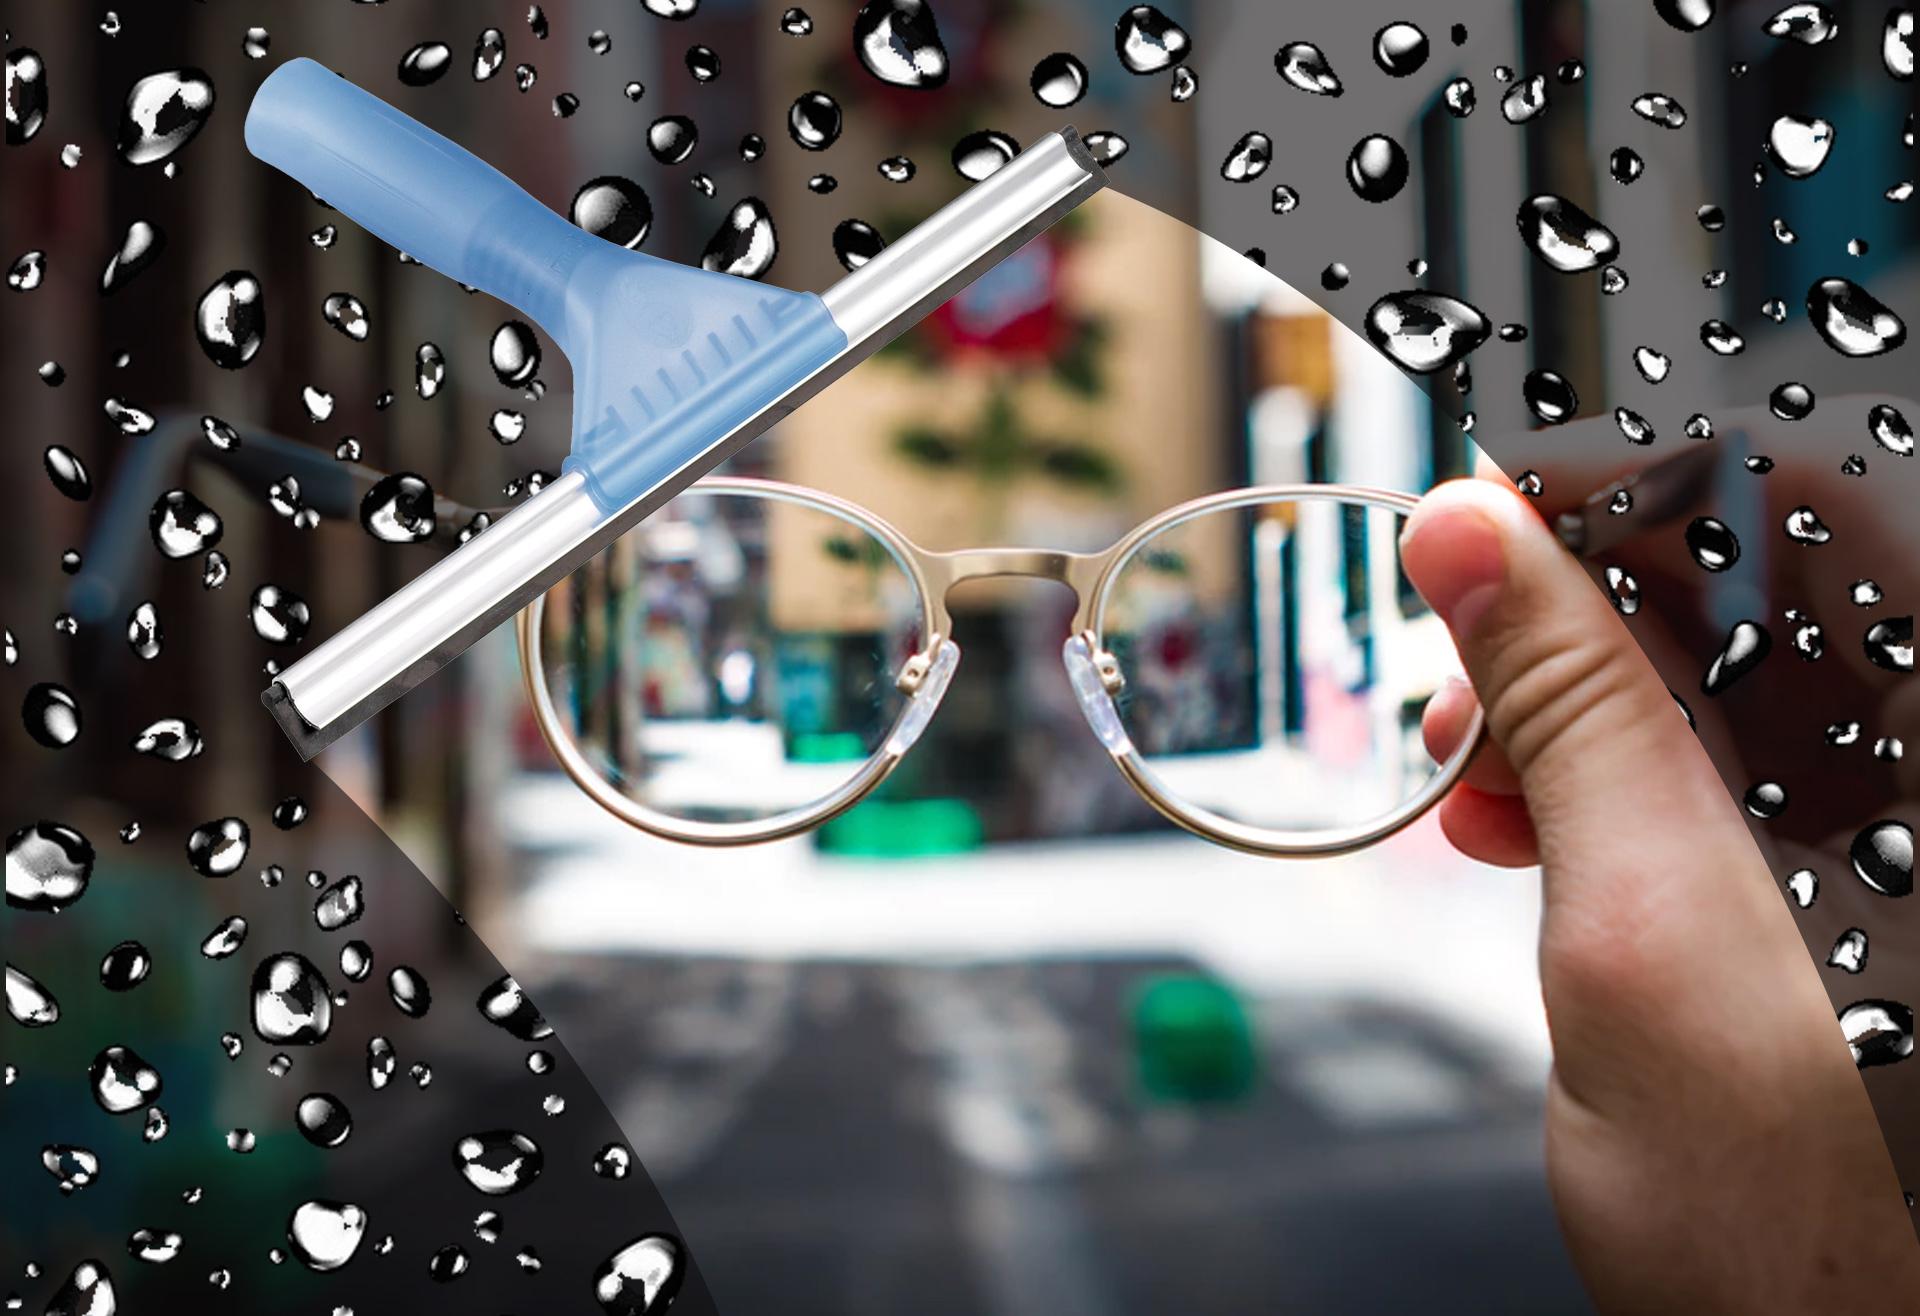 Brillenputztuch bedruckt Brillentuch Werbeartikel Optiker Birlle Tuch putzen reinigen Druck